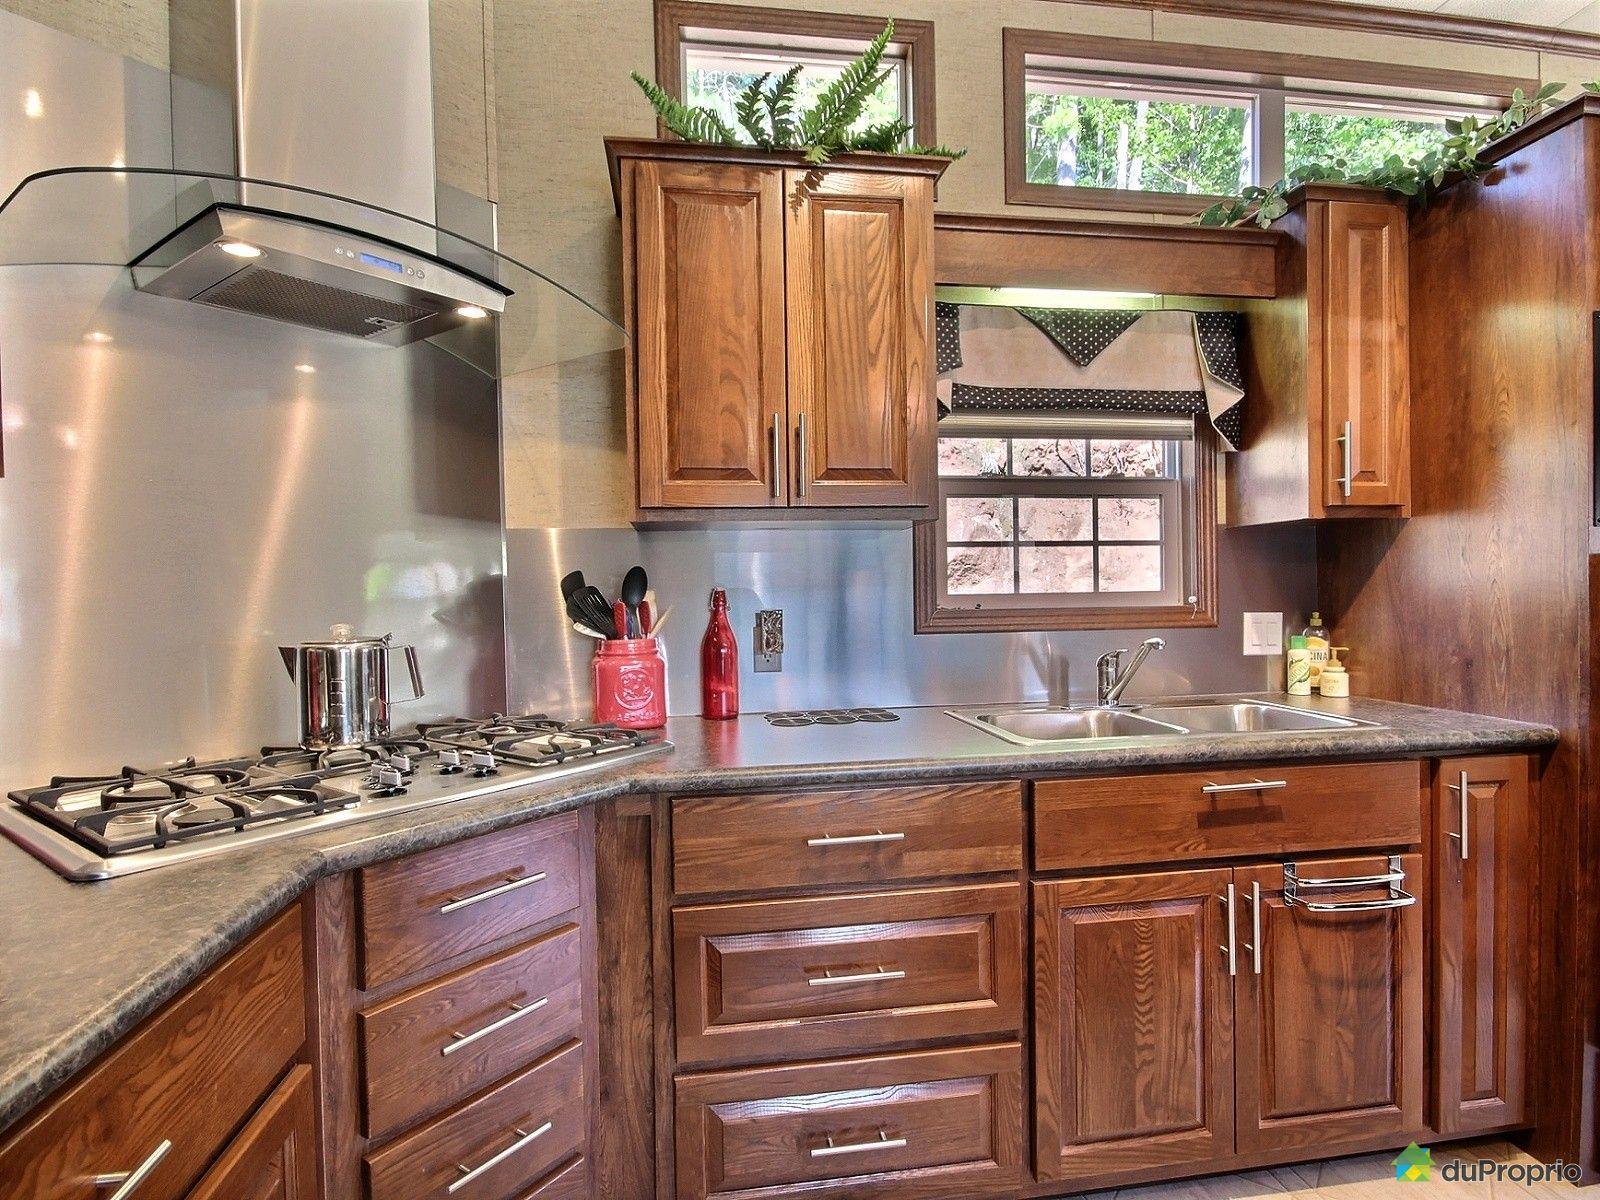 maison vendre val des bois 449 124 chemin du pont de bois immobilier qu bec duproprio 640783. Black Bedroom Furniture Sets. Home Design Ideas